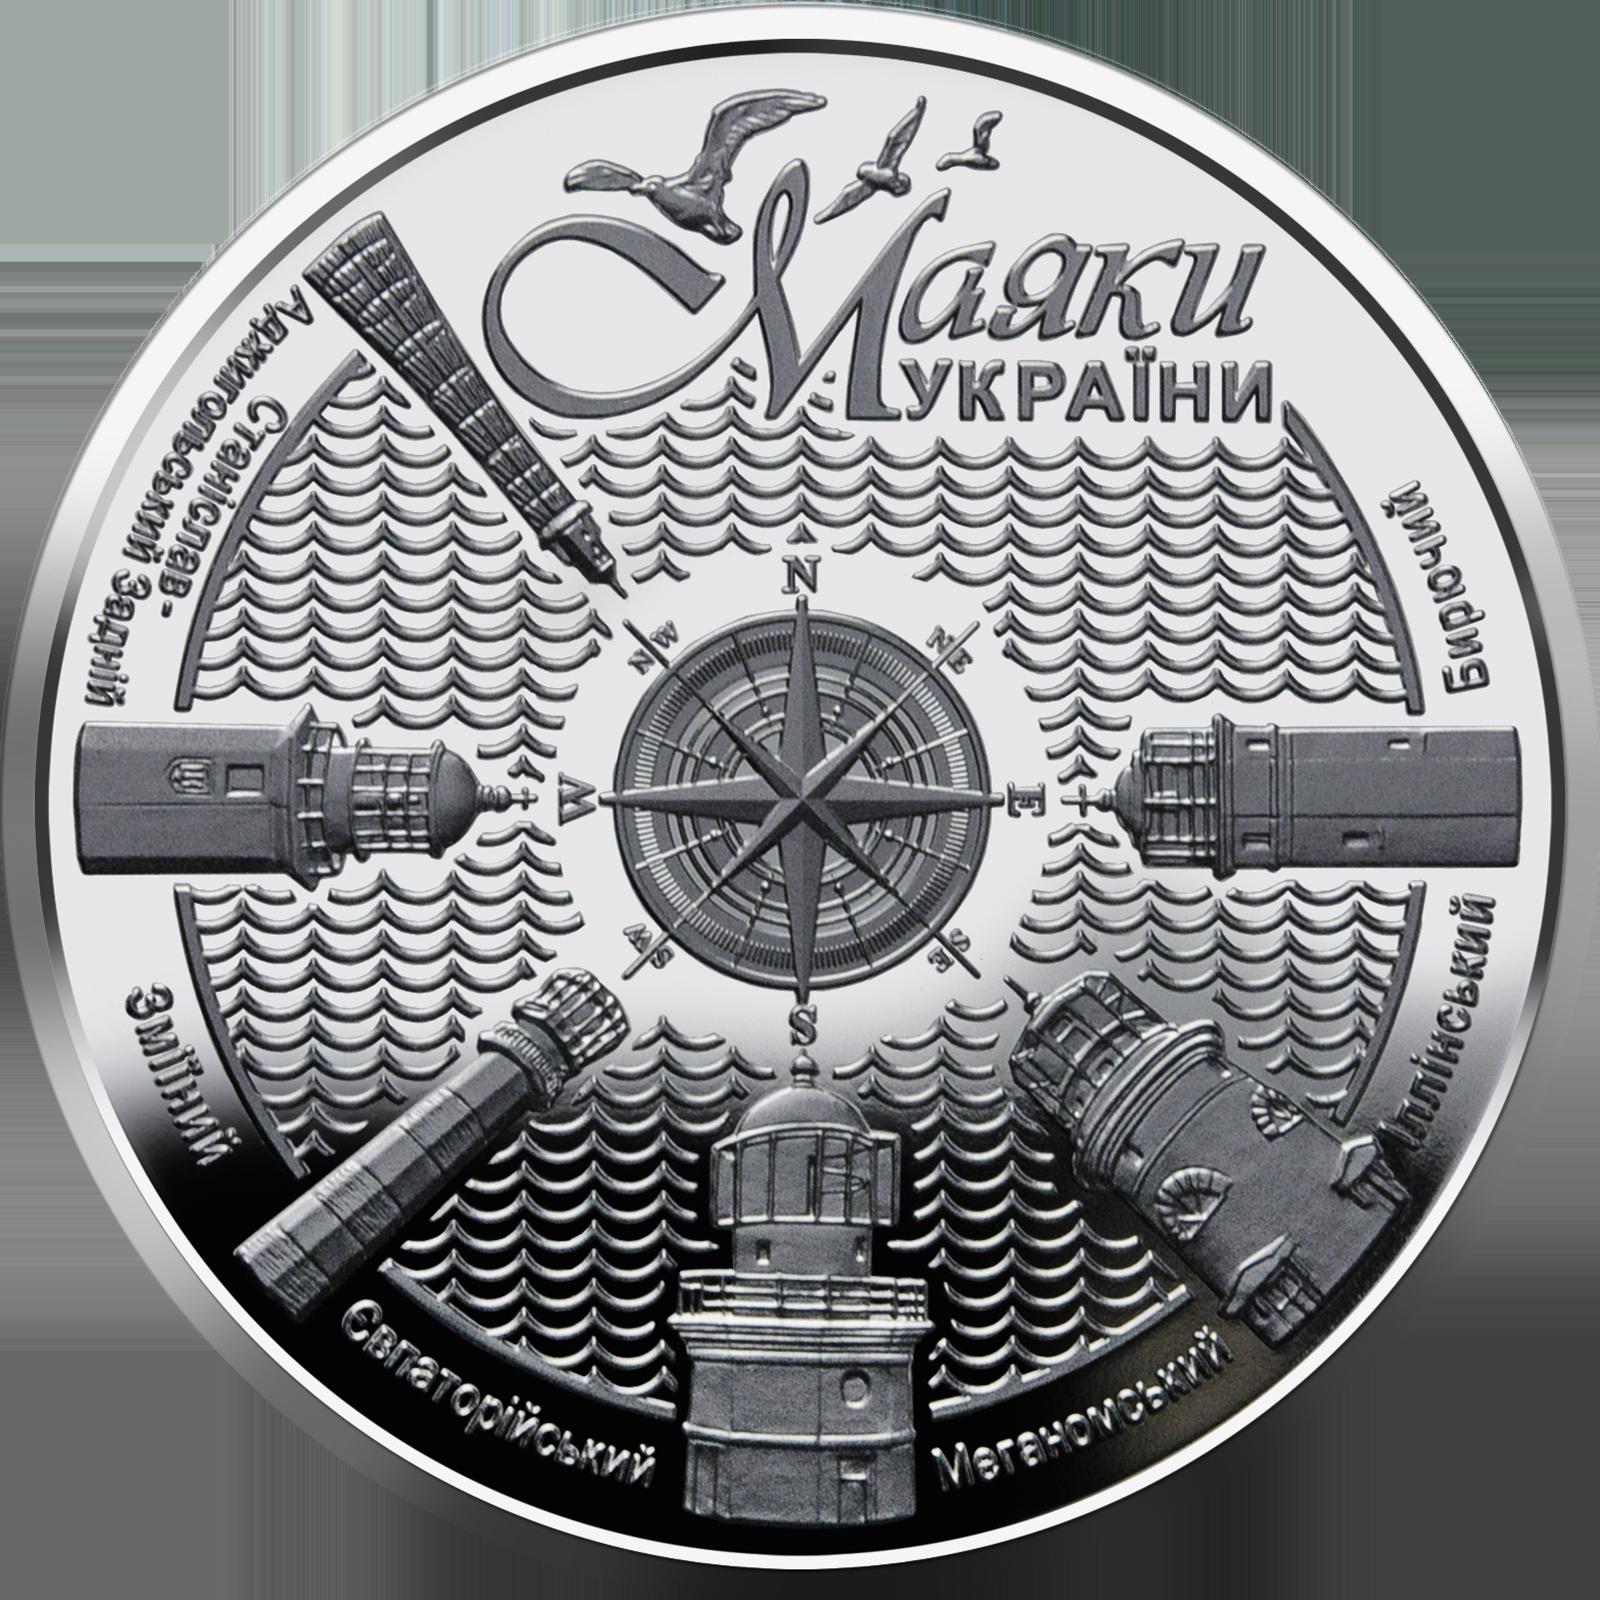 В Нацбанке показали, как будет выглядеть новая пятигривневая монета (ФОТО) - фото 3